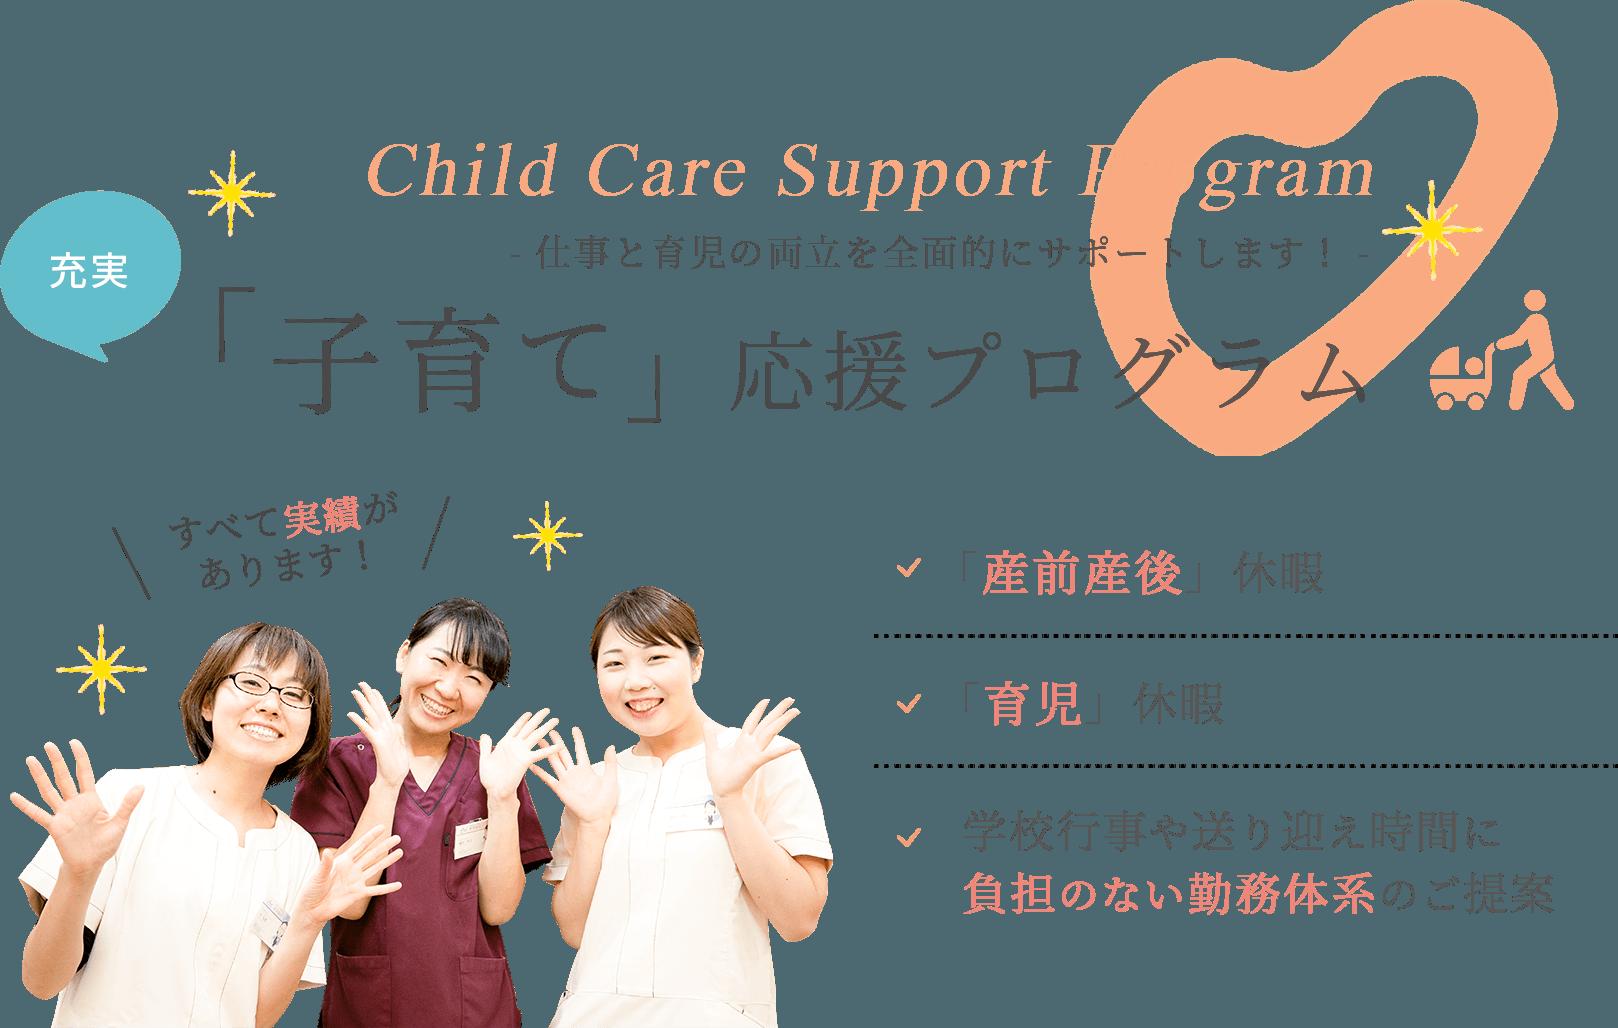 「子育て」応援プログラム -仕事と育児の両立を全面的にサポートします!-